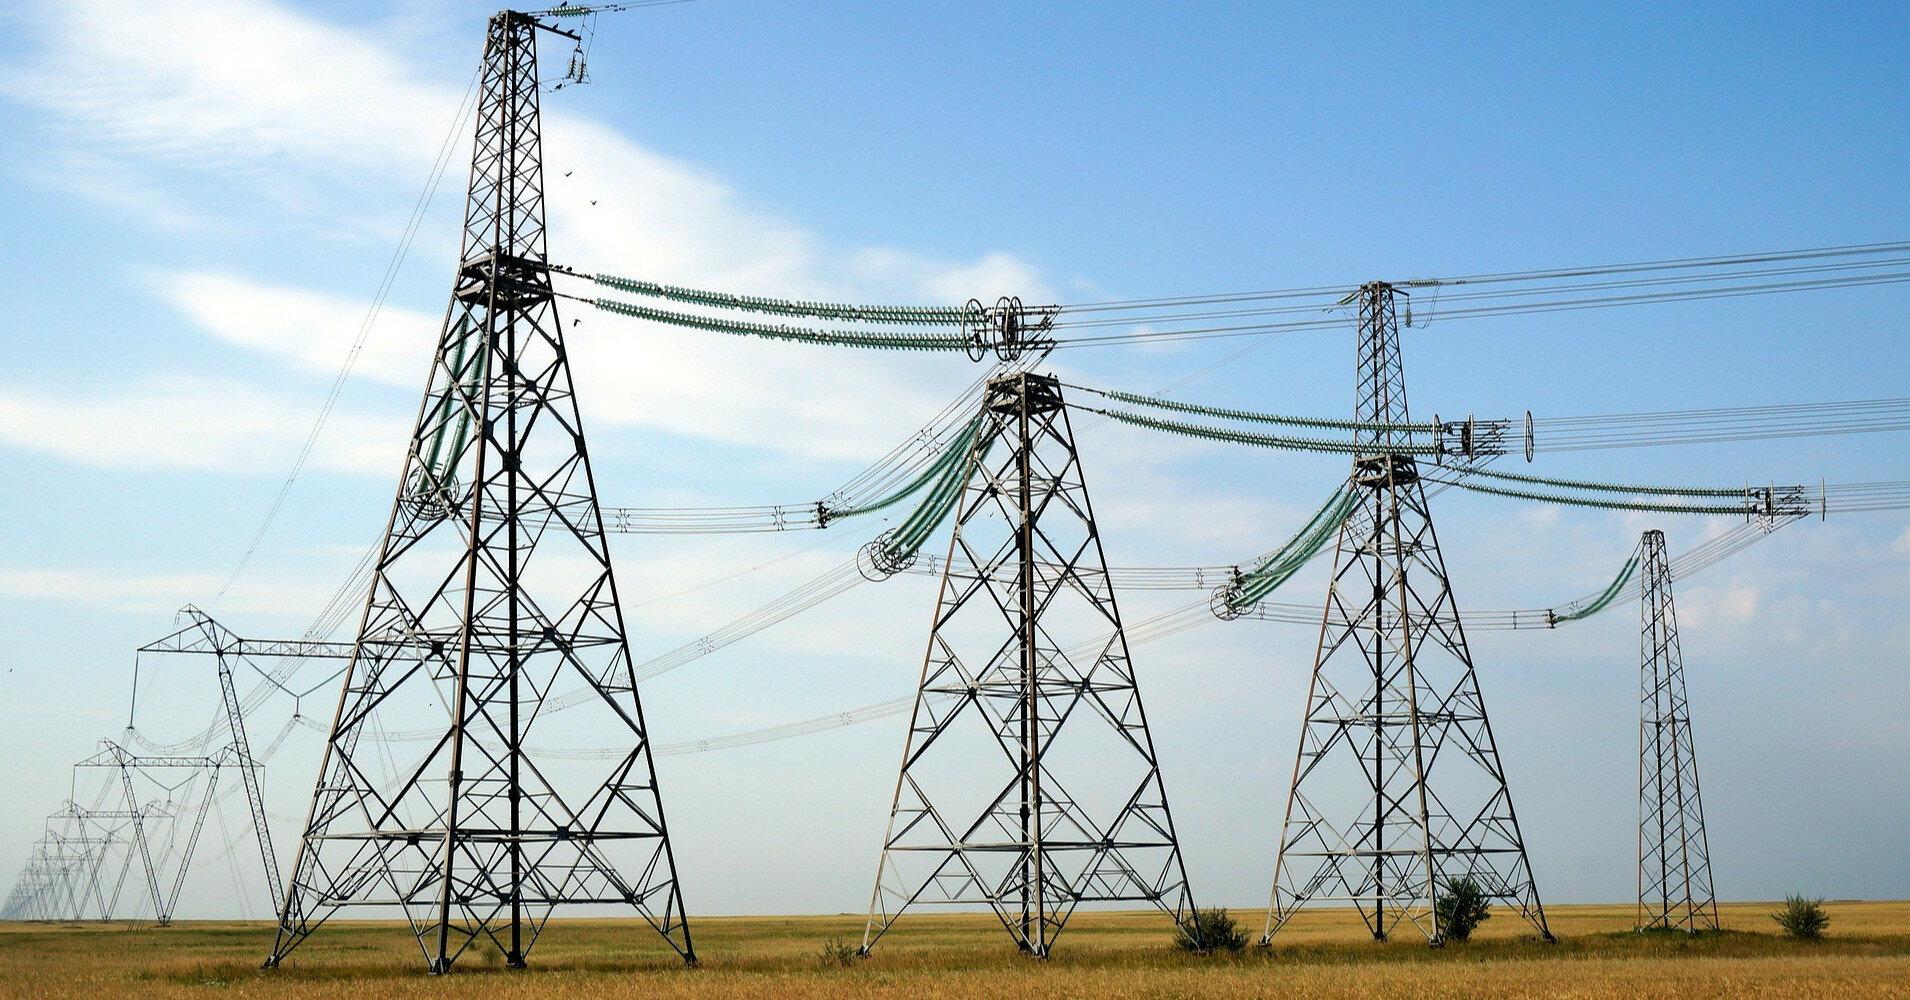 Выручка от экспорта электроэнергии упала на 41%